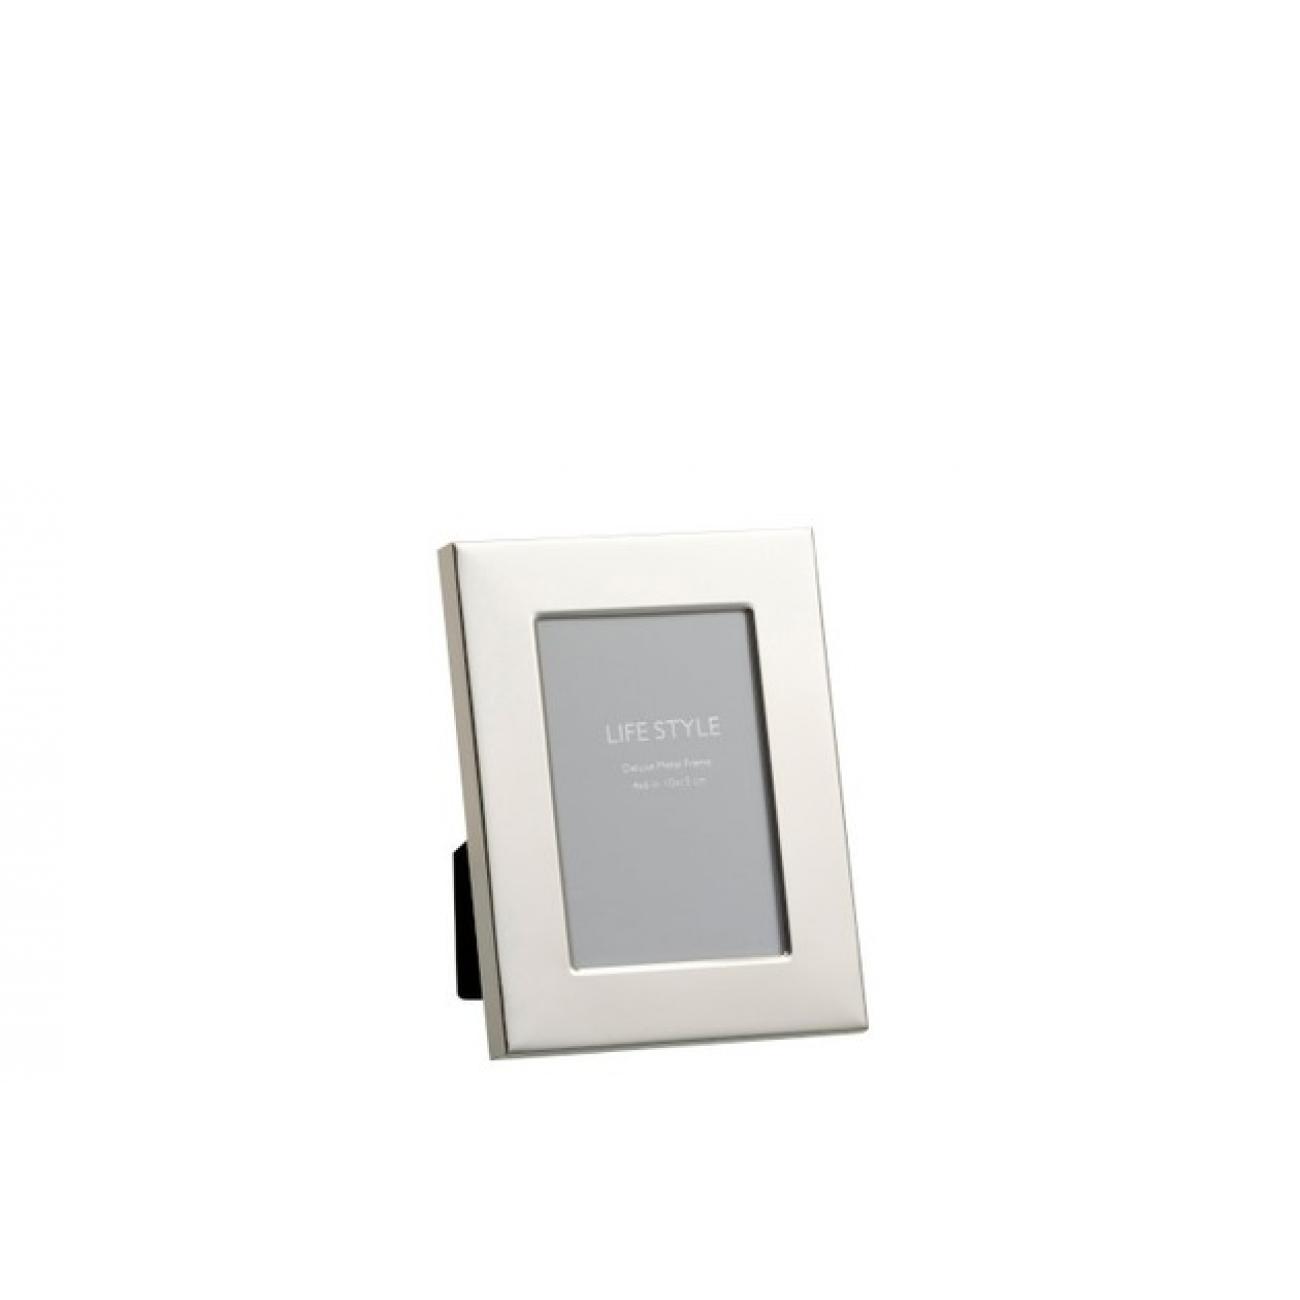 Фоторамка J-LINE металлическая зеркальная серебристая 10х15 см